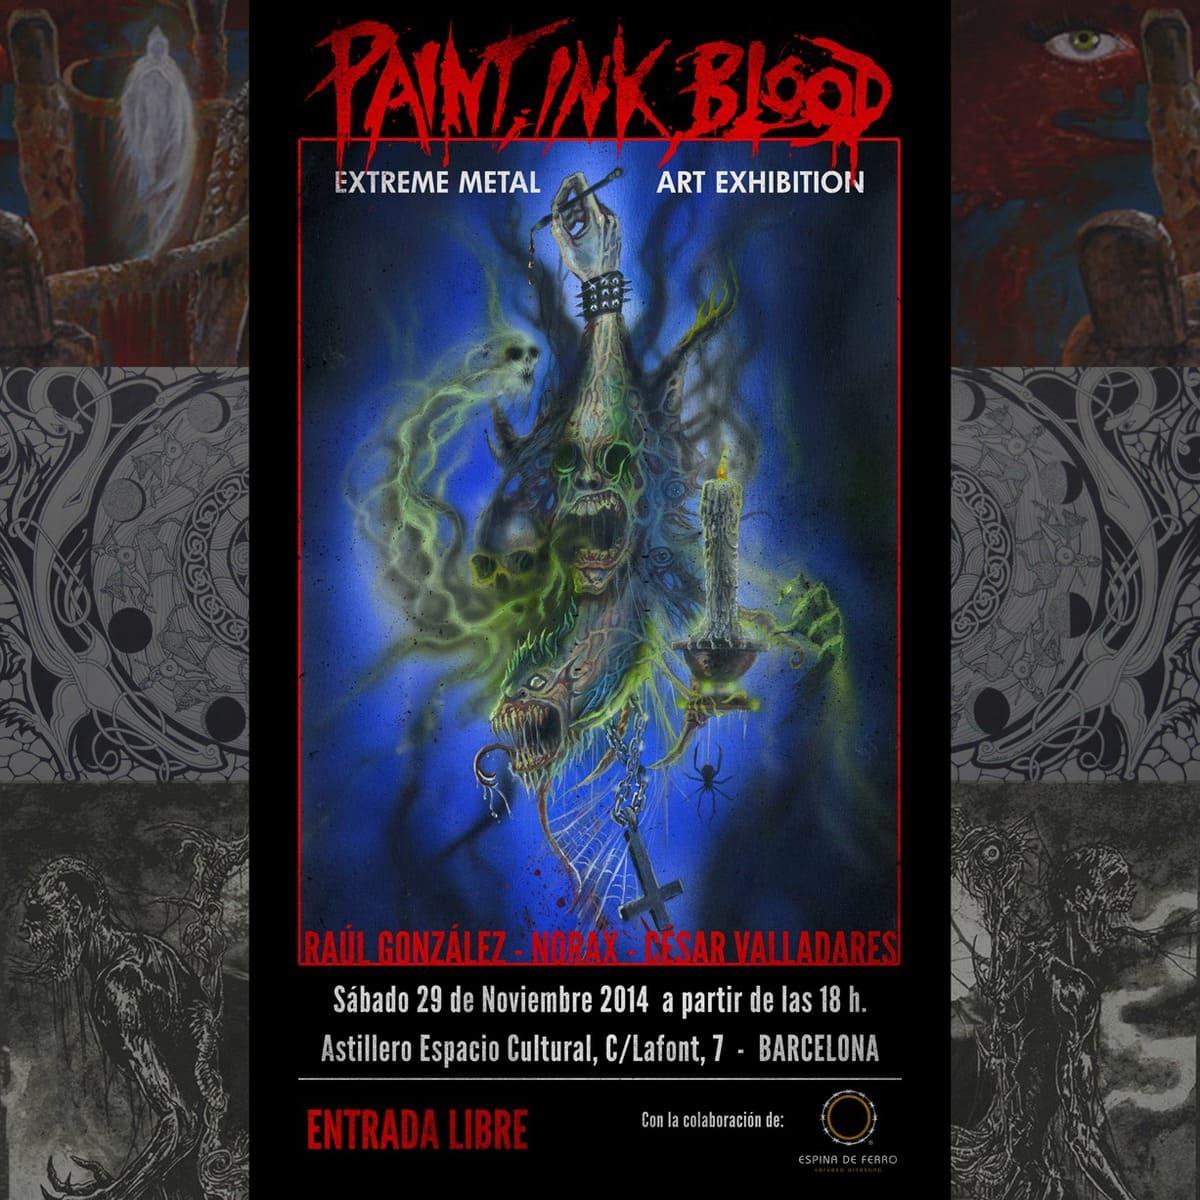 Paint, ink, blood: Extreme metal art exhibition (29 de noviembre, Barcelona)